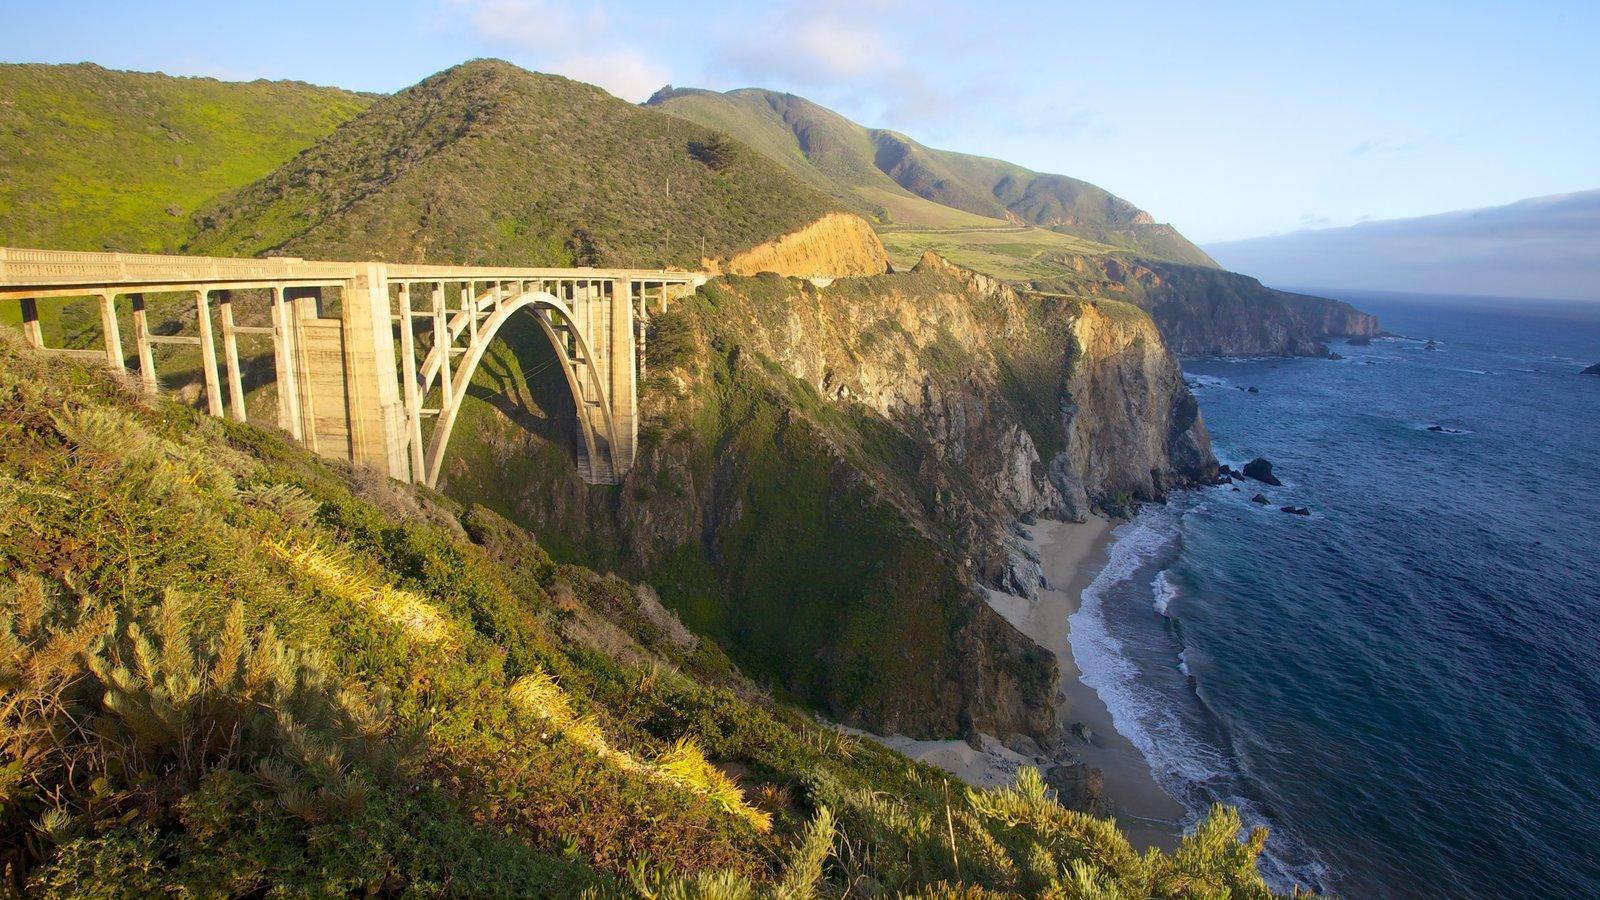 Monterey caracterizando litoral acidentado, uma ponte e montanhas